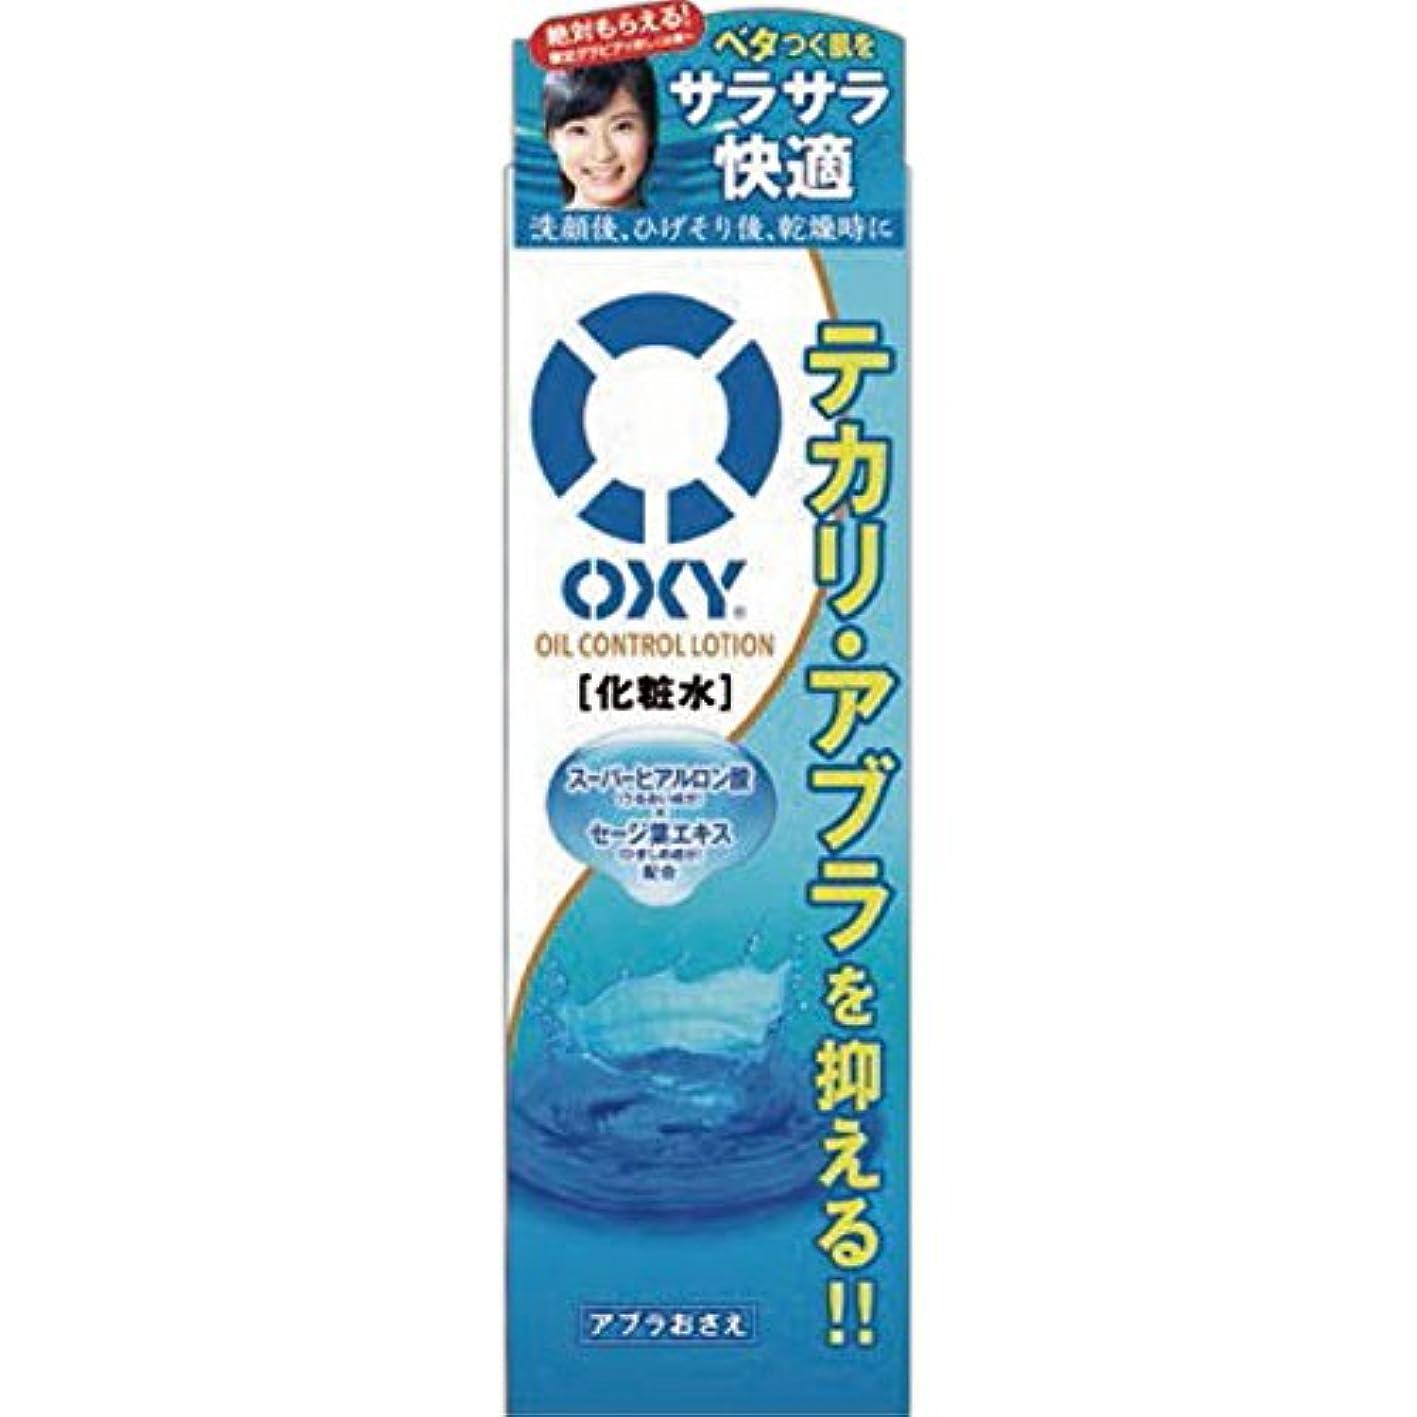 社員早く悪性腫瘍オキシー (Oxy) オイルコントロールローション スーパーヒアルロン酸×セージ葉エキス配合 ゼラニウムの香 170mL